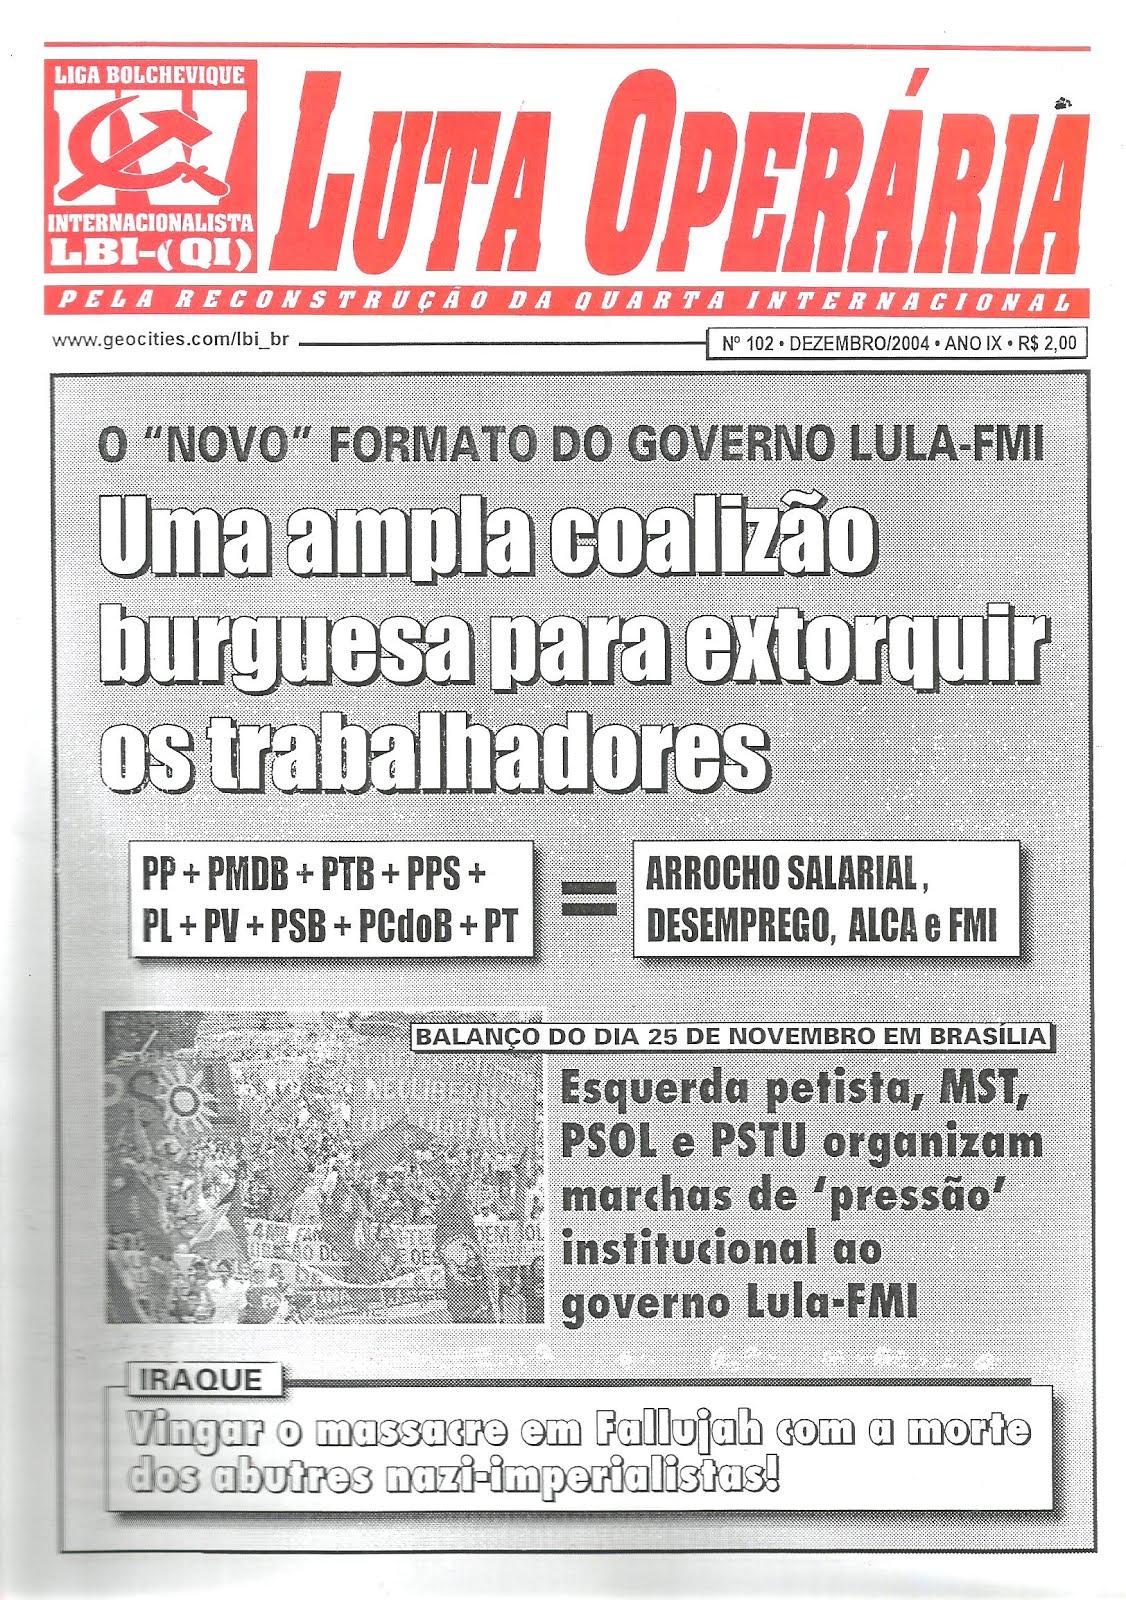 LEIA A EDIÇÃO DO JORNAL LUTA OPERÁRIA Nº102, DEZEMBRO/2004